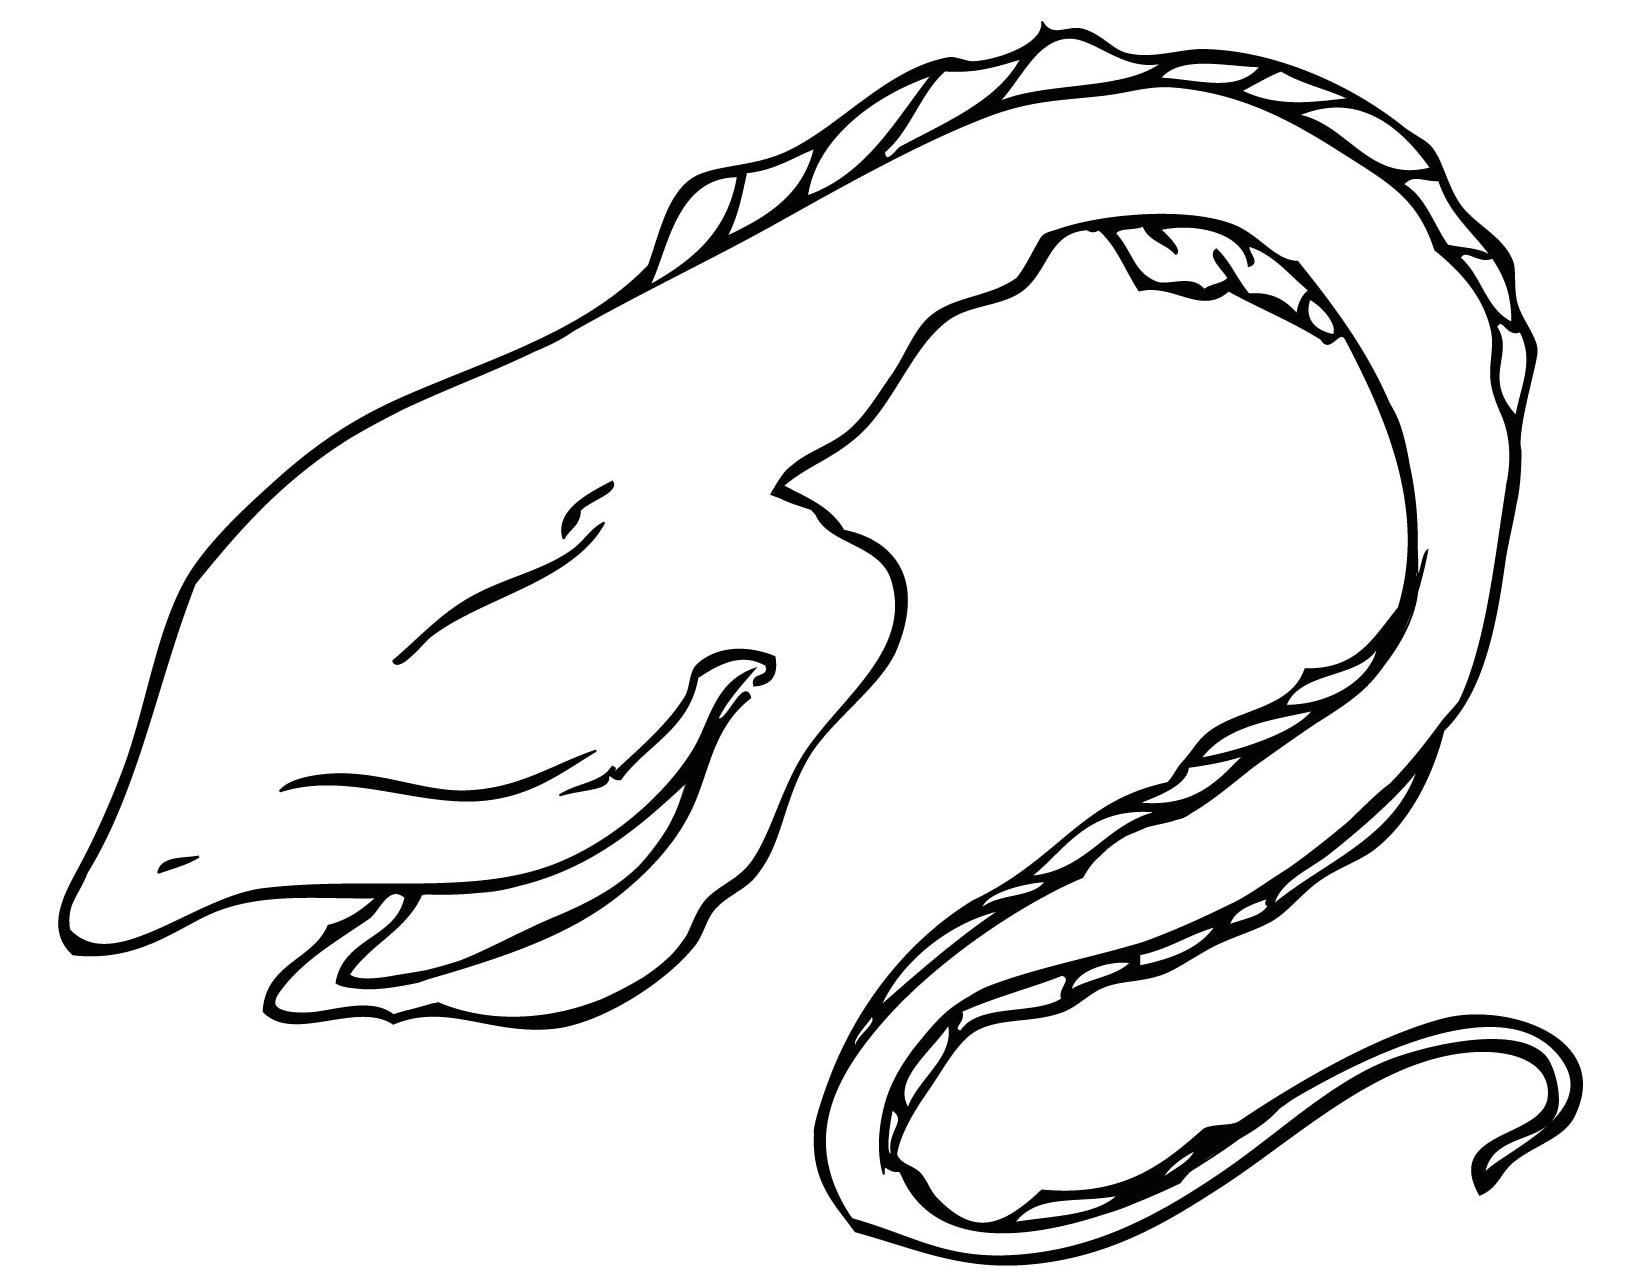 1650x1275 Gulper Eel Coloring Page